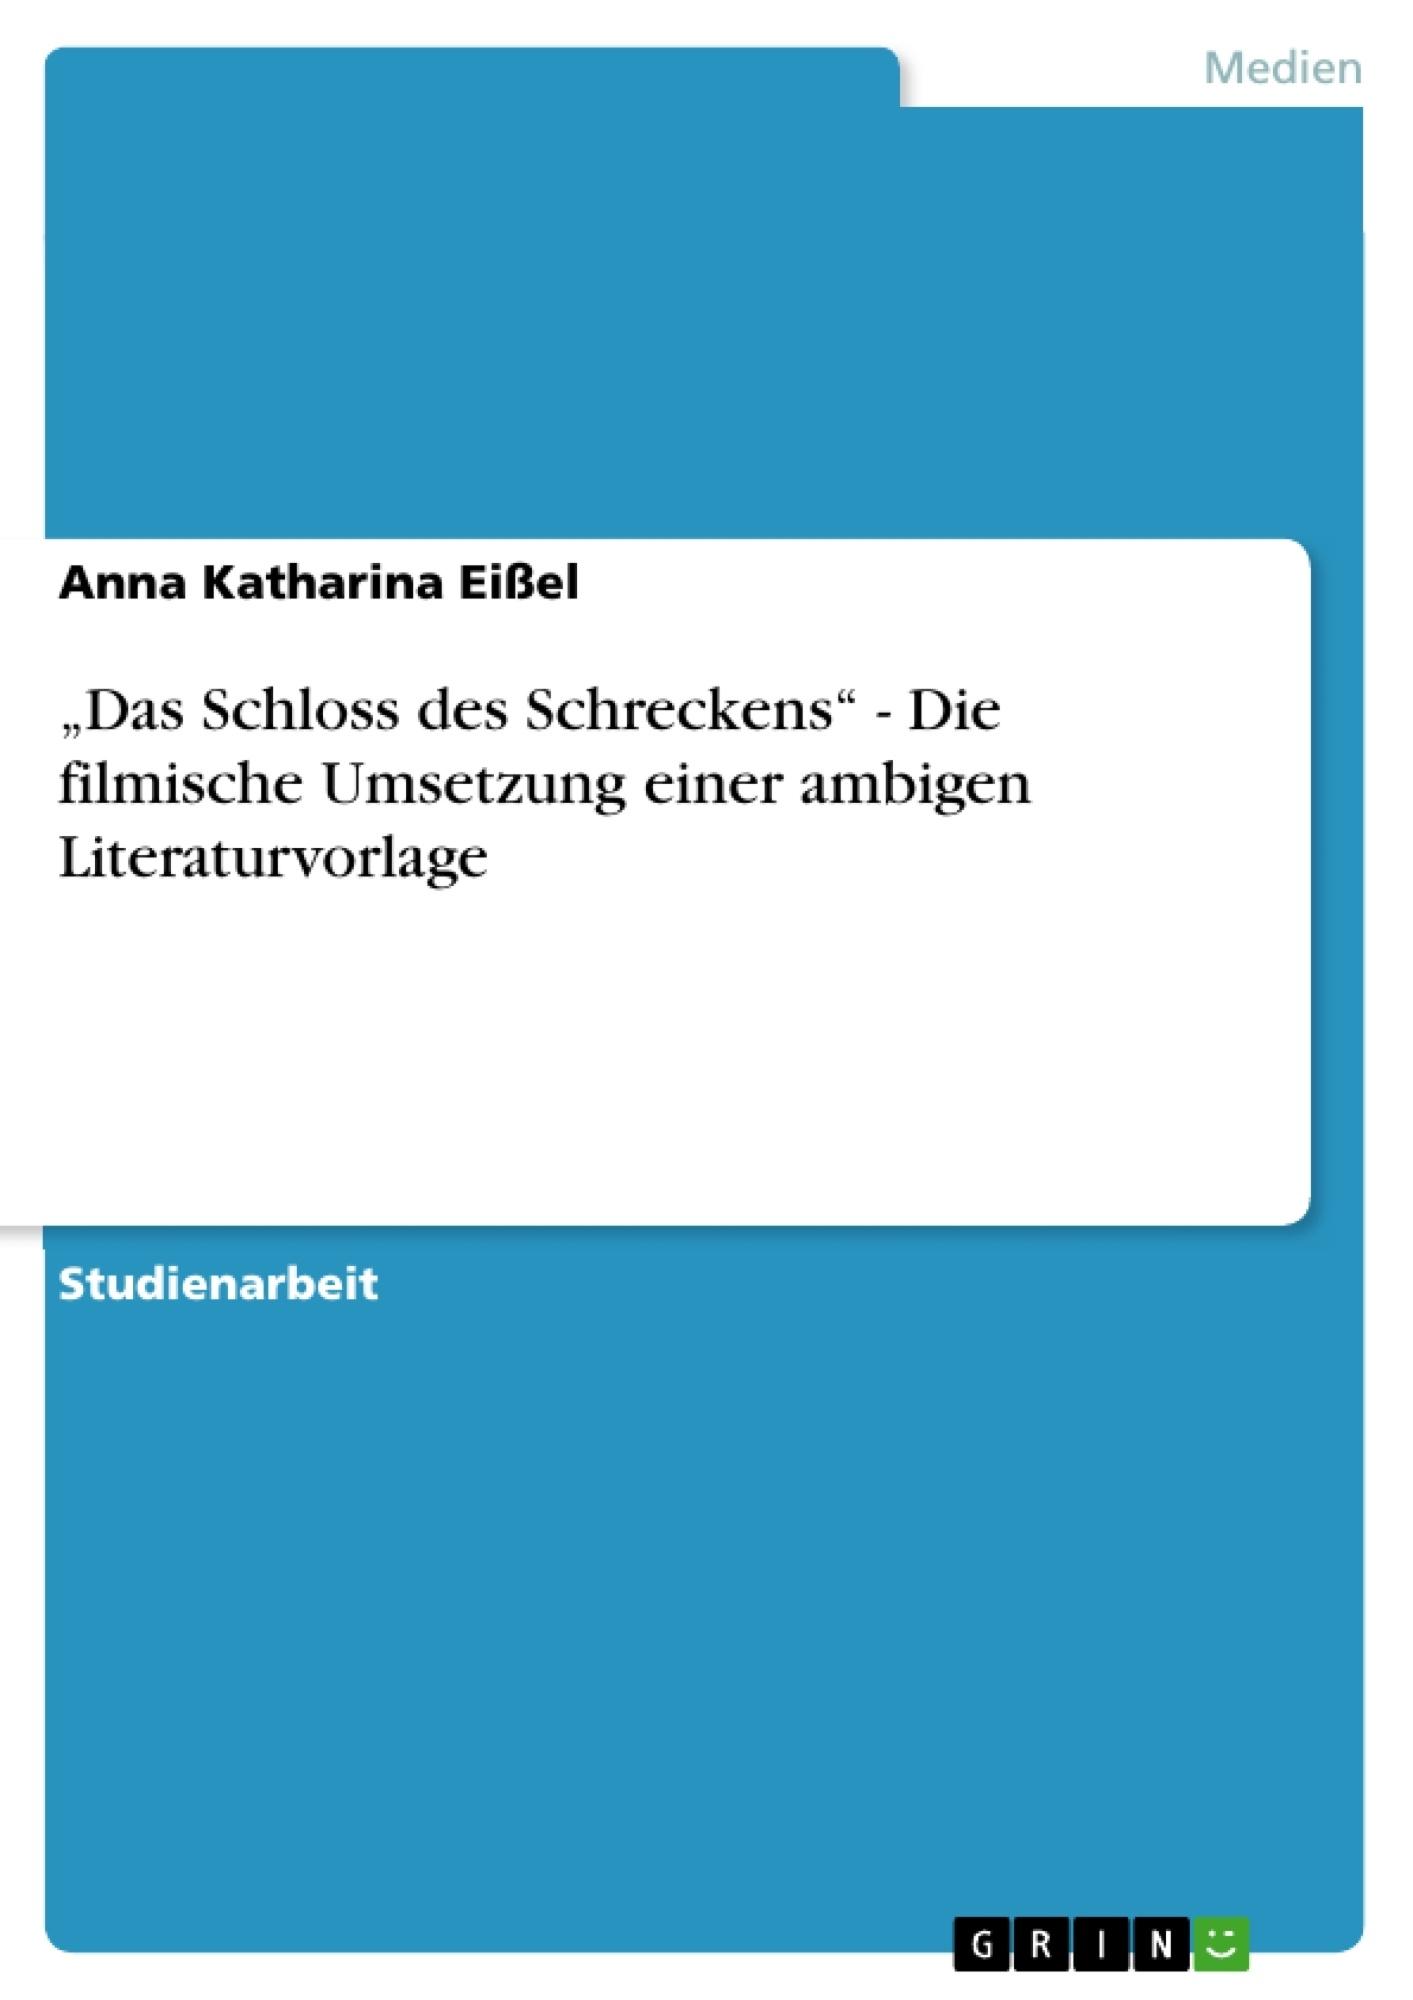 """Titel: """"Das Schloss des Schreckens"""" - Die filmische Umsetzung einer ambigen Literaturvorlage"""